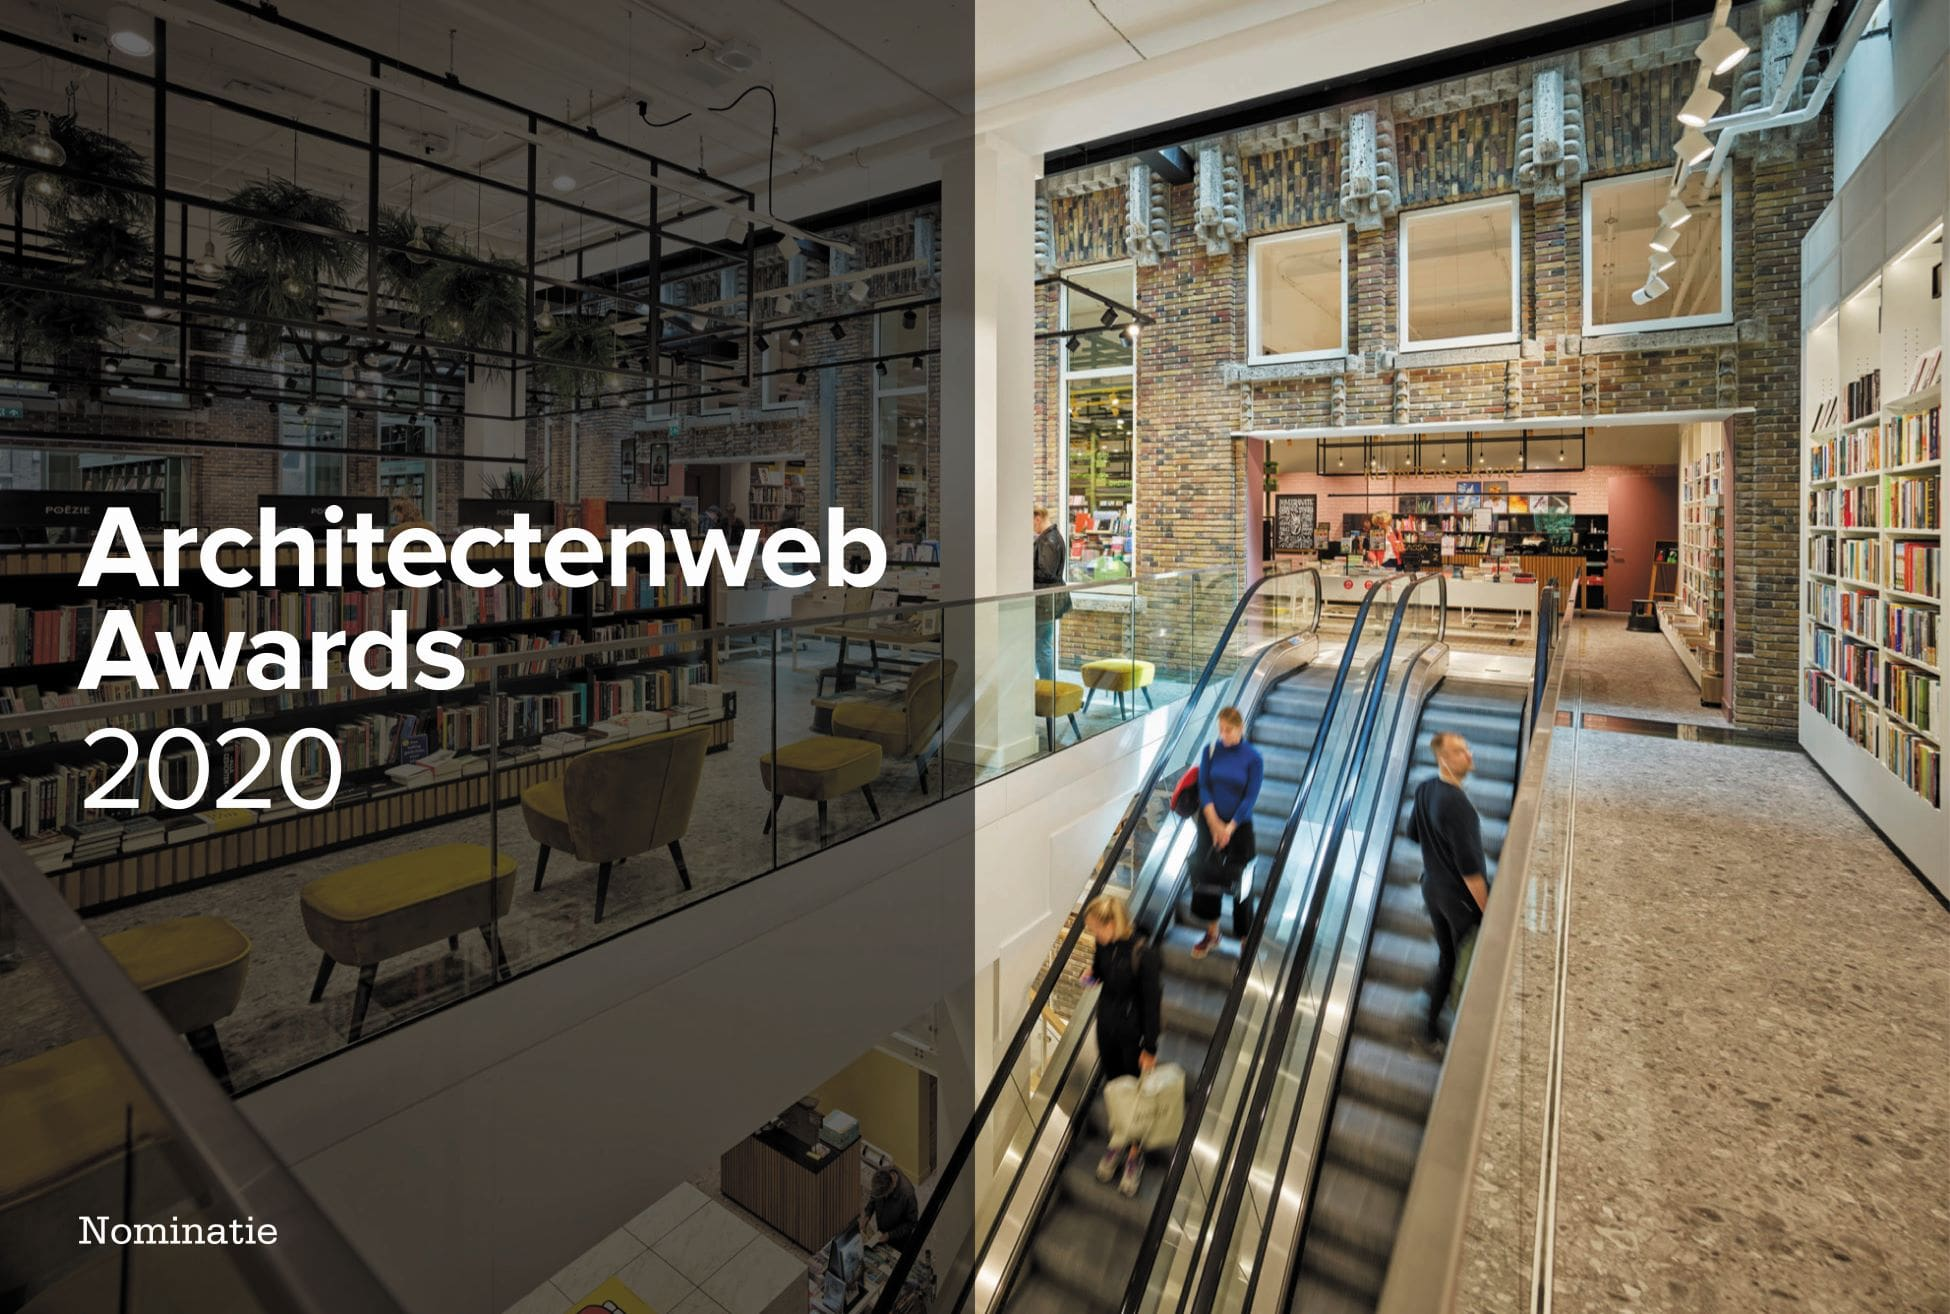 Architectenweb Awards